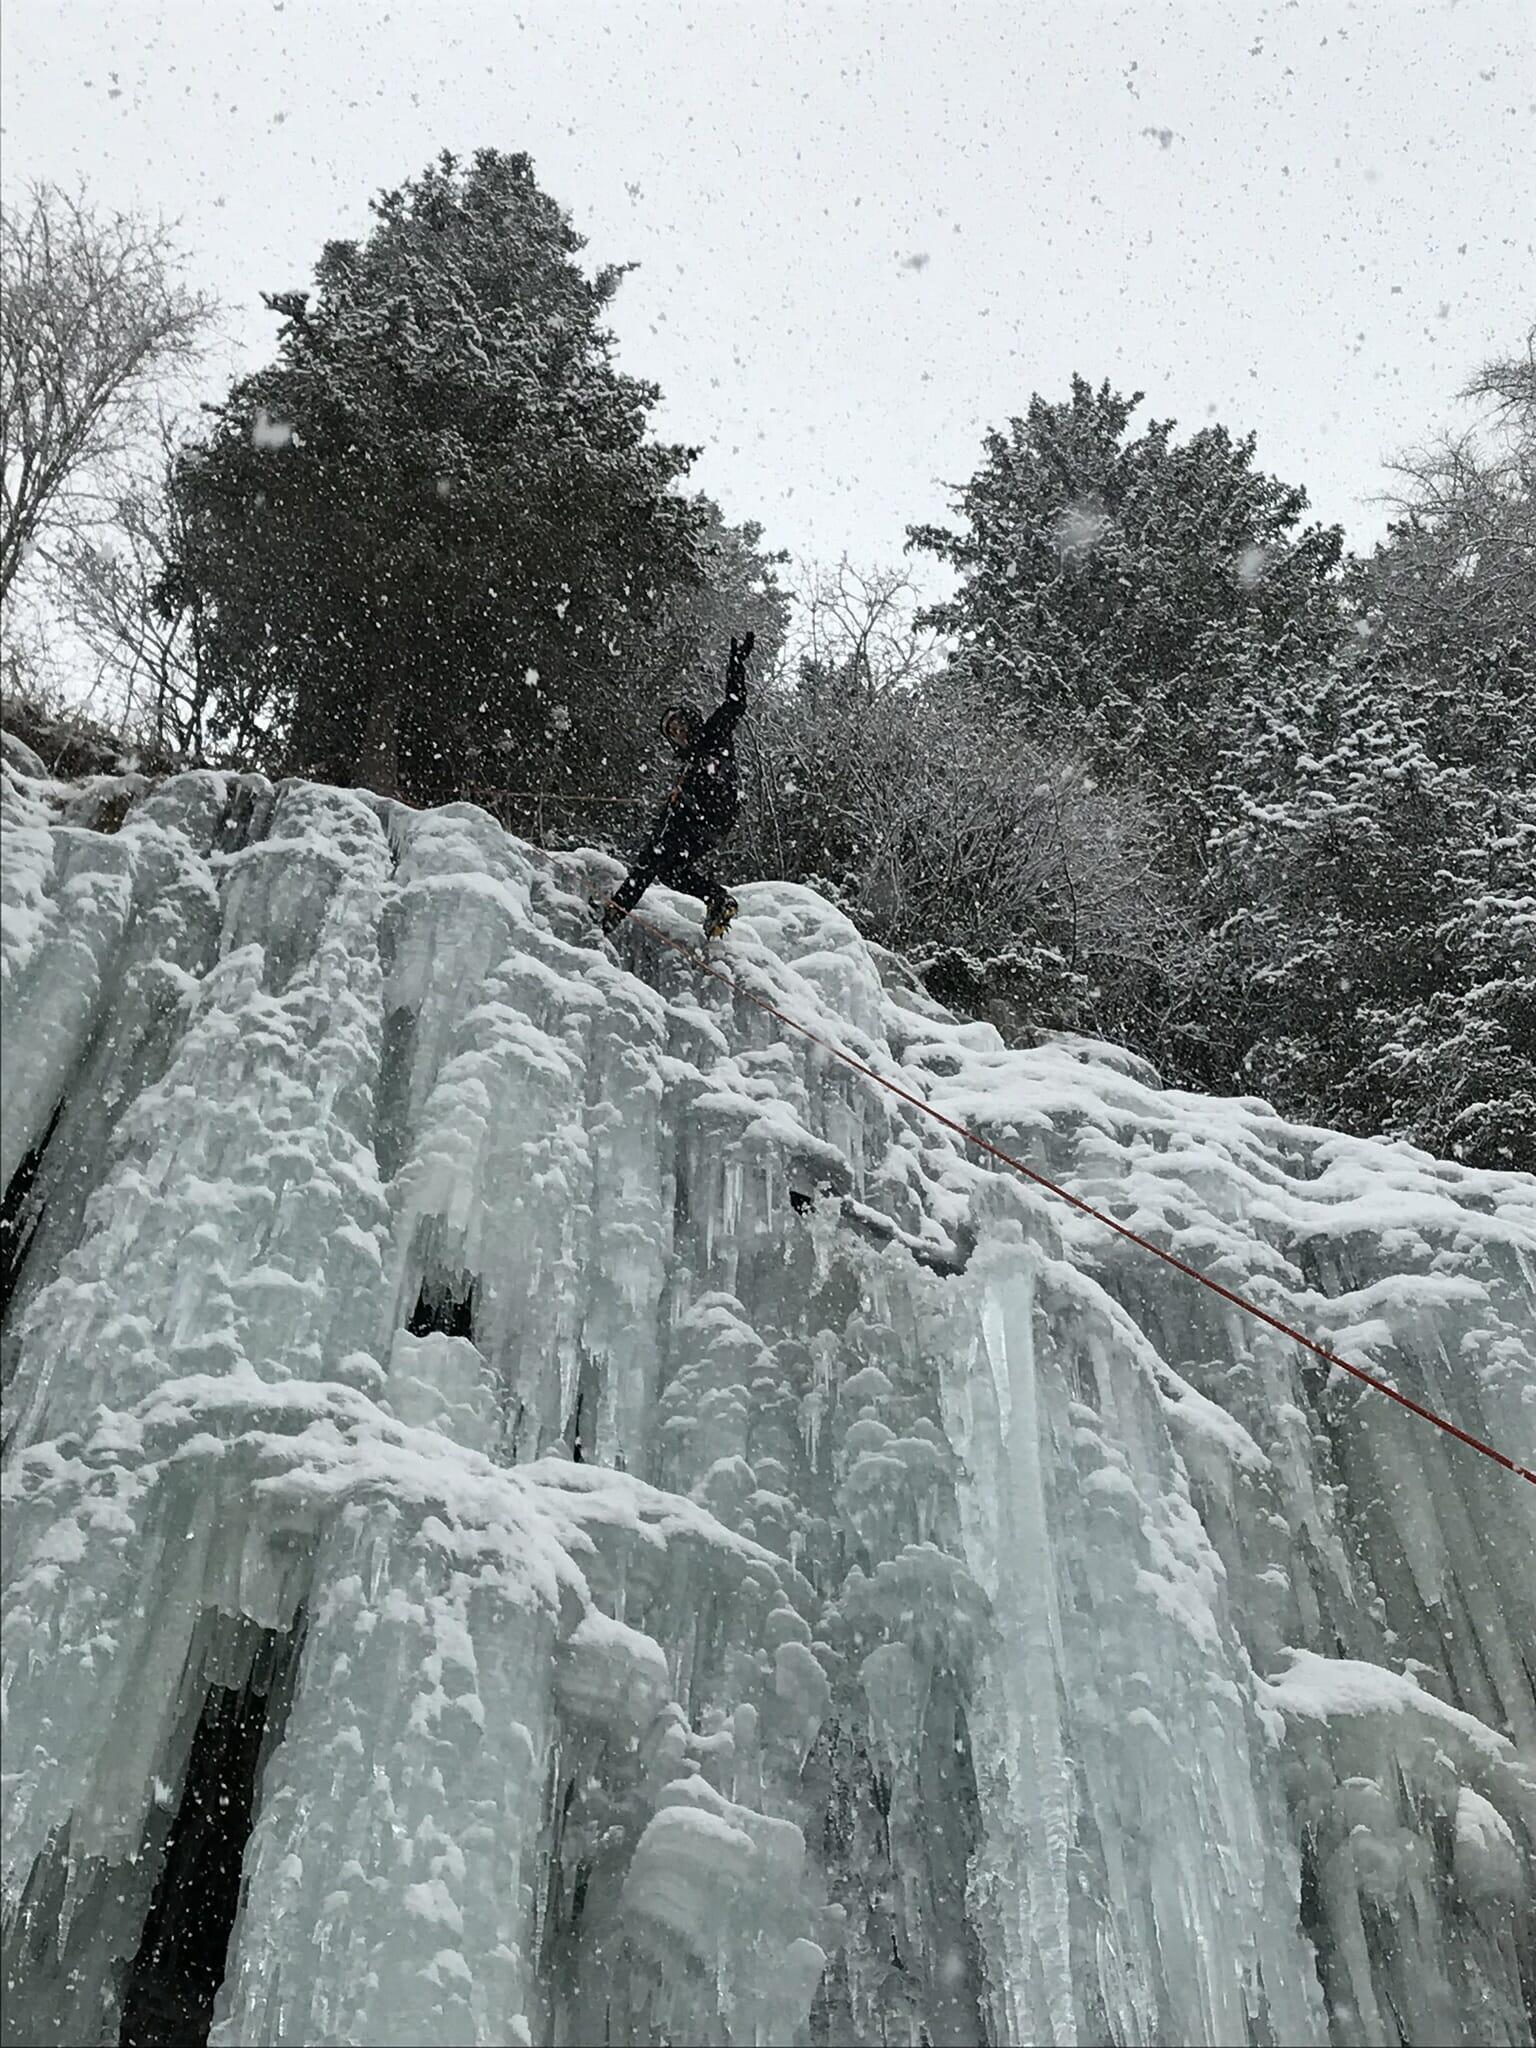 Cascata di ghiaccio. Campo Tures